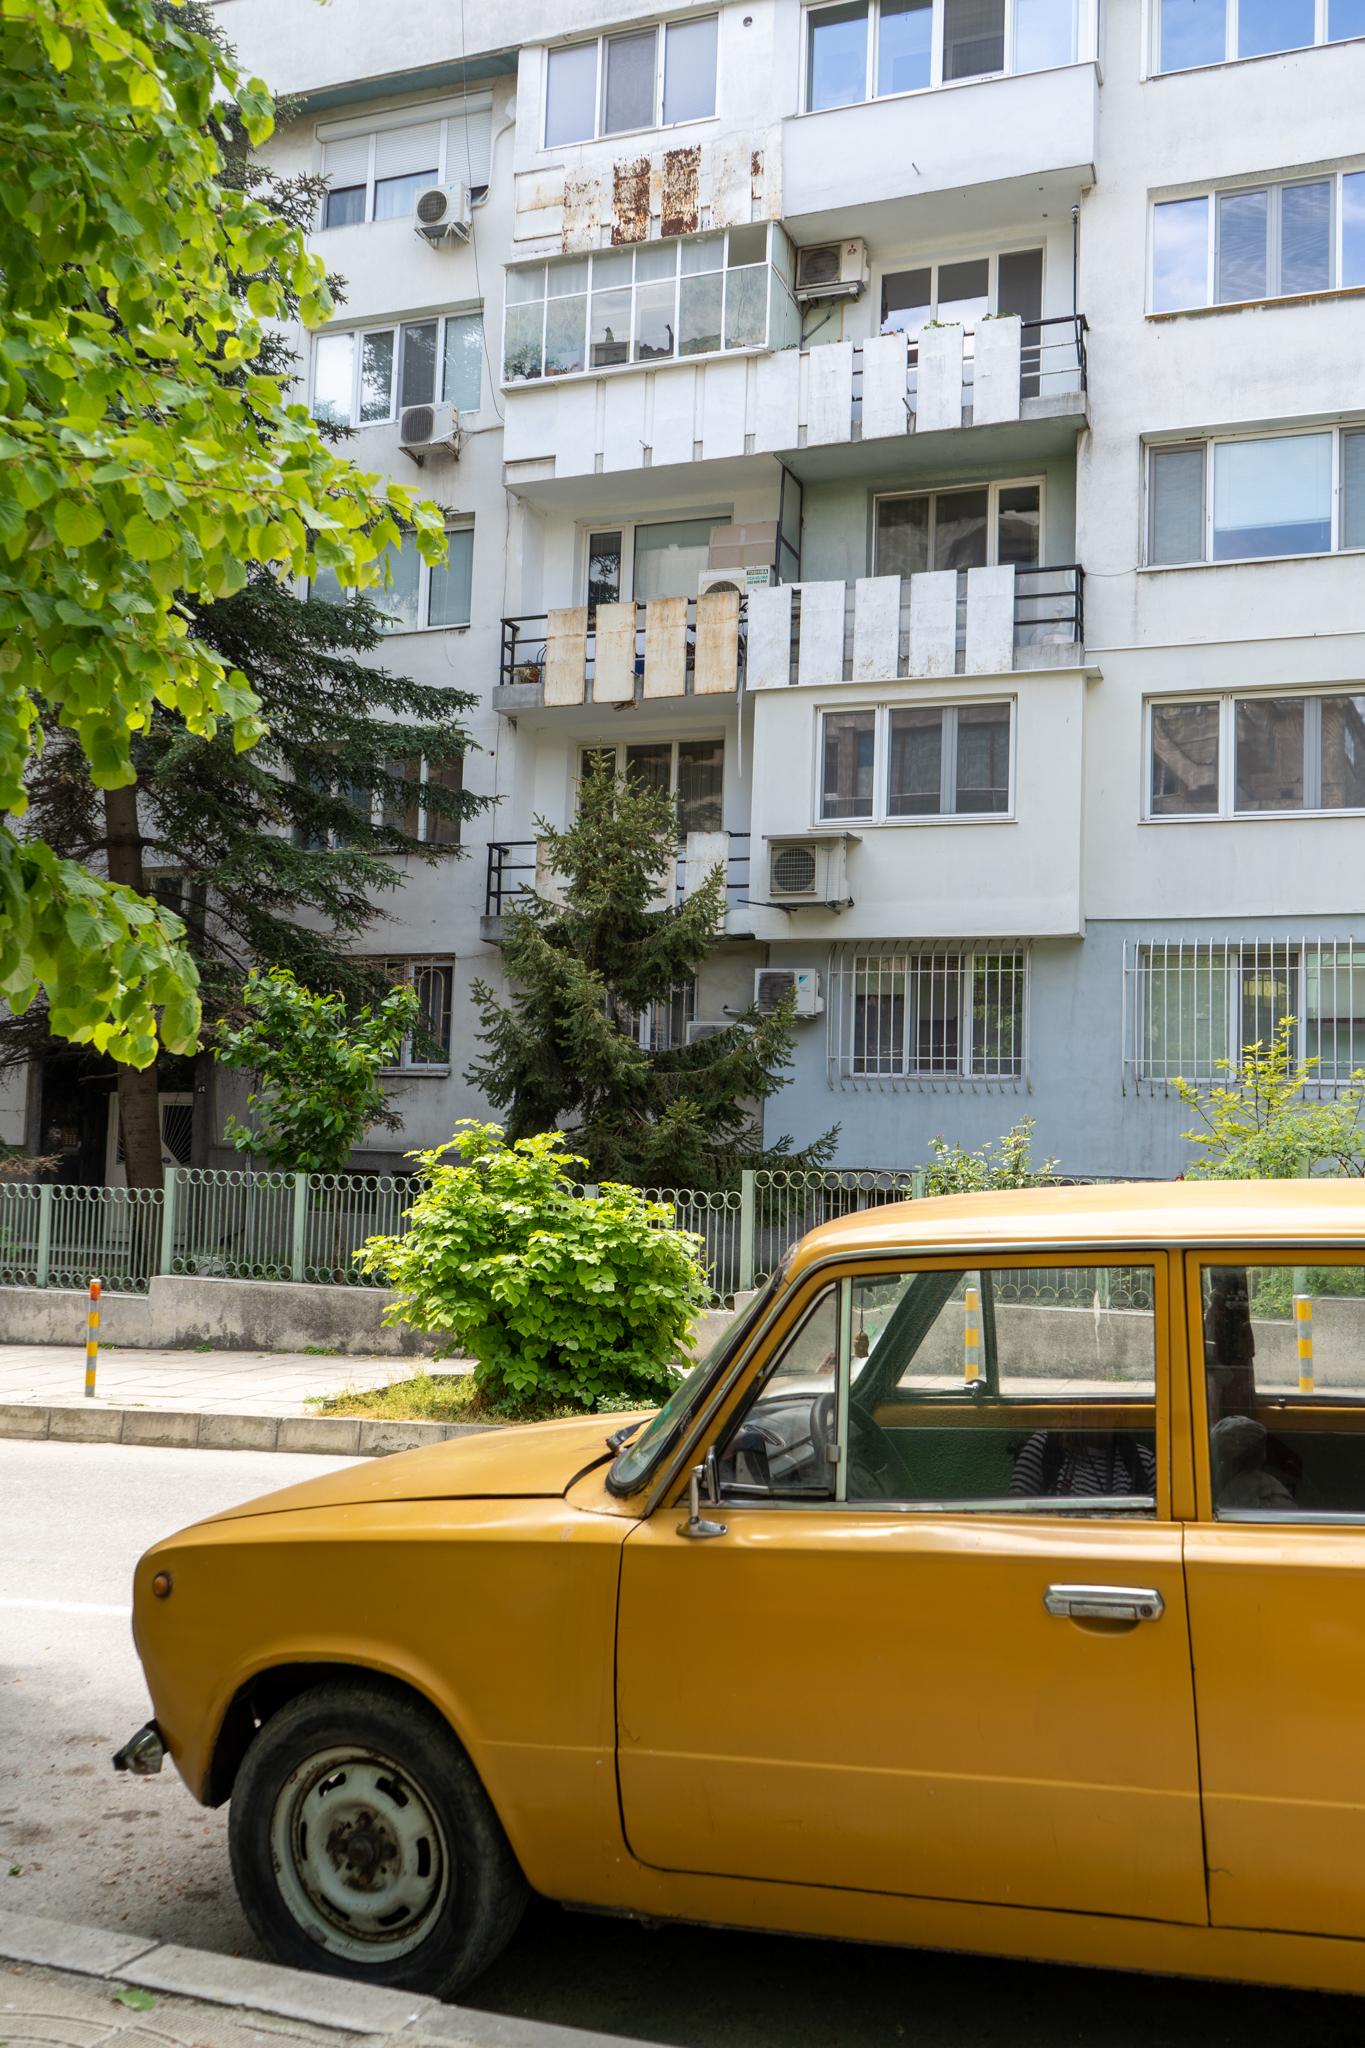 Ostblock-Charme in Varna